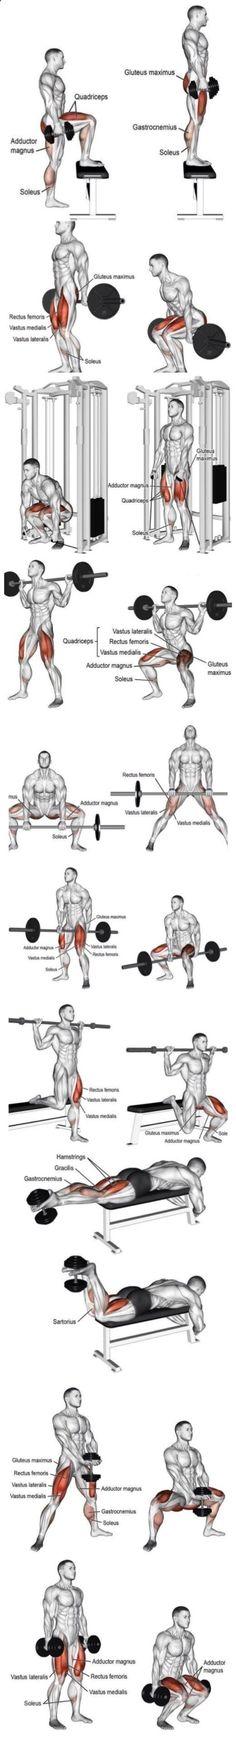 Ejercicio de pierna #fitness